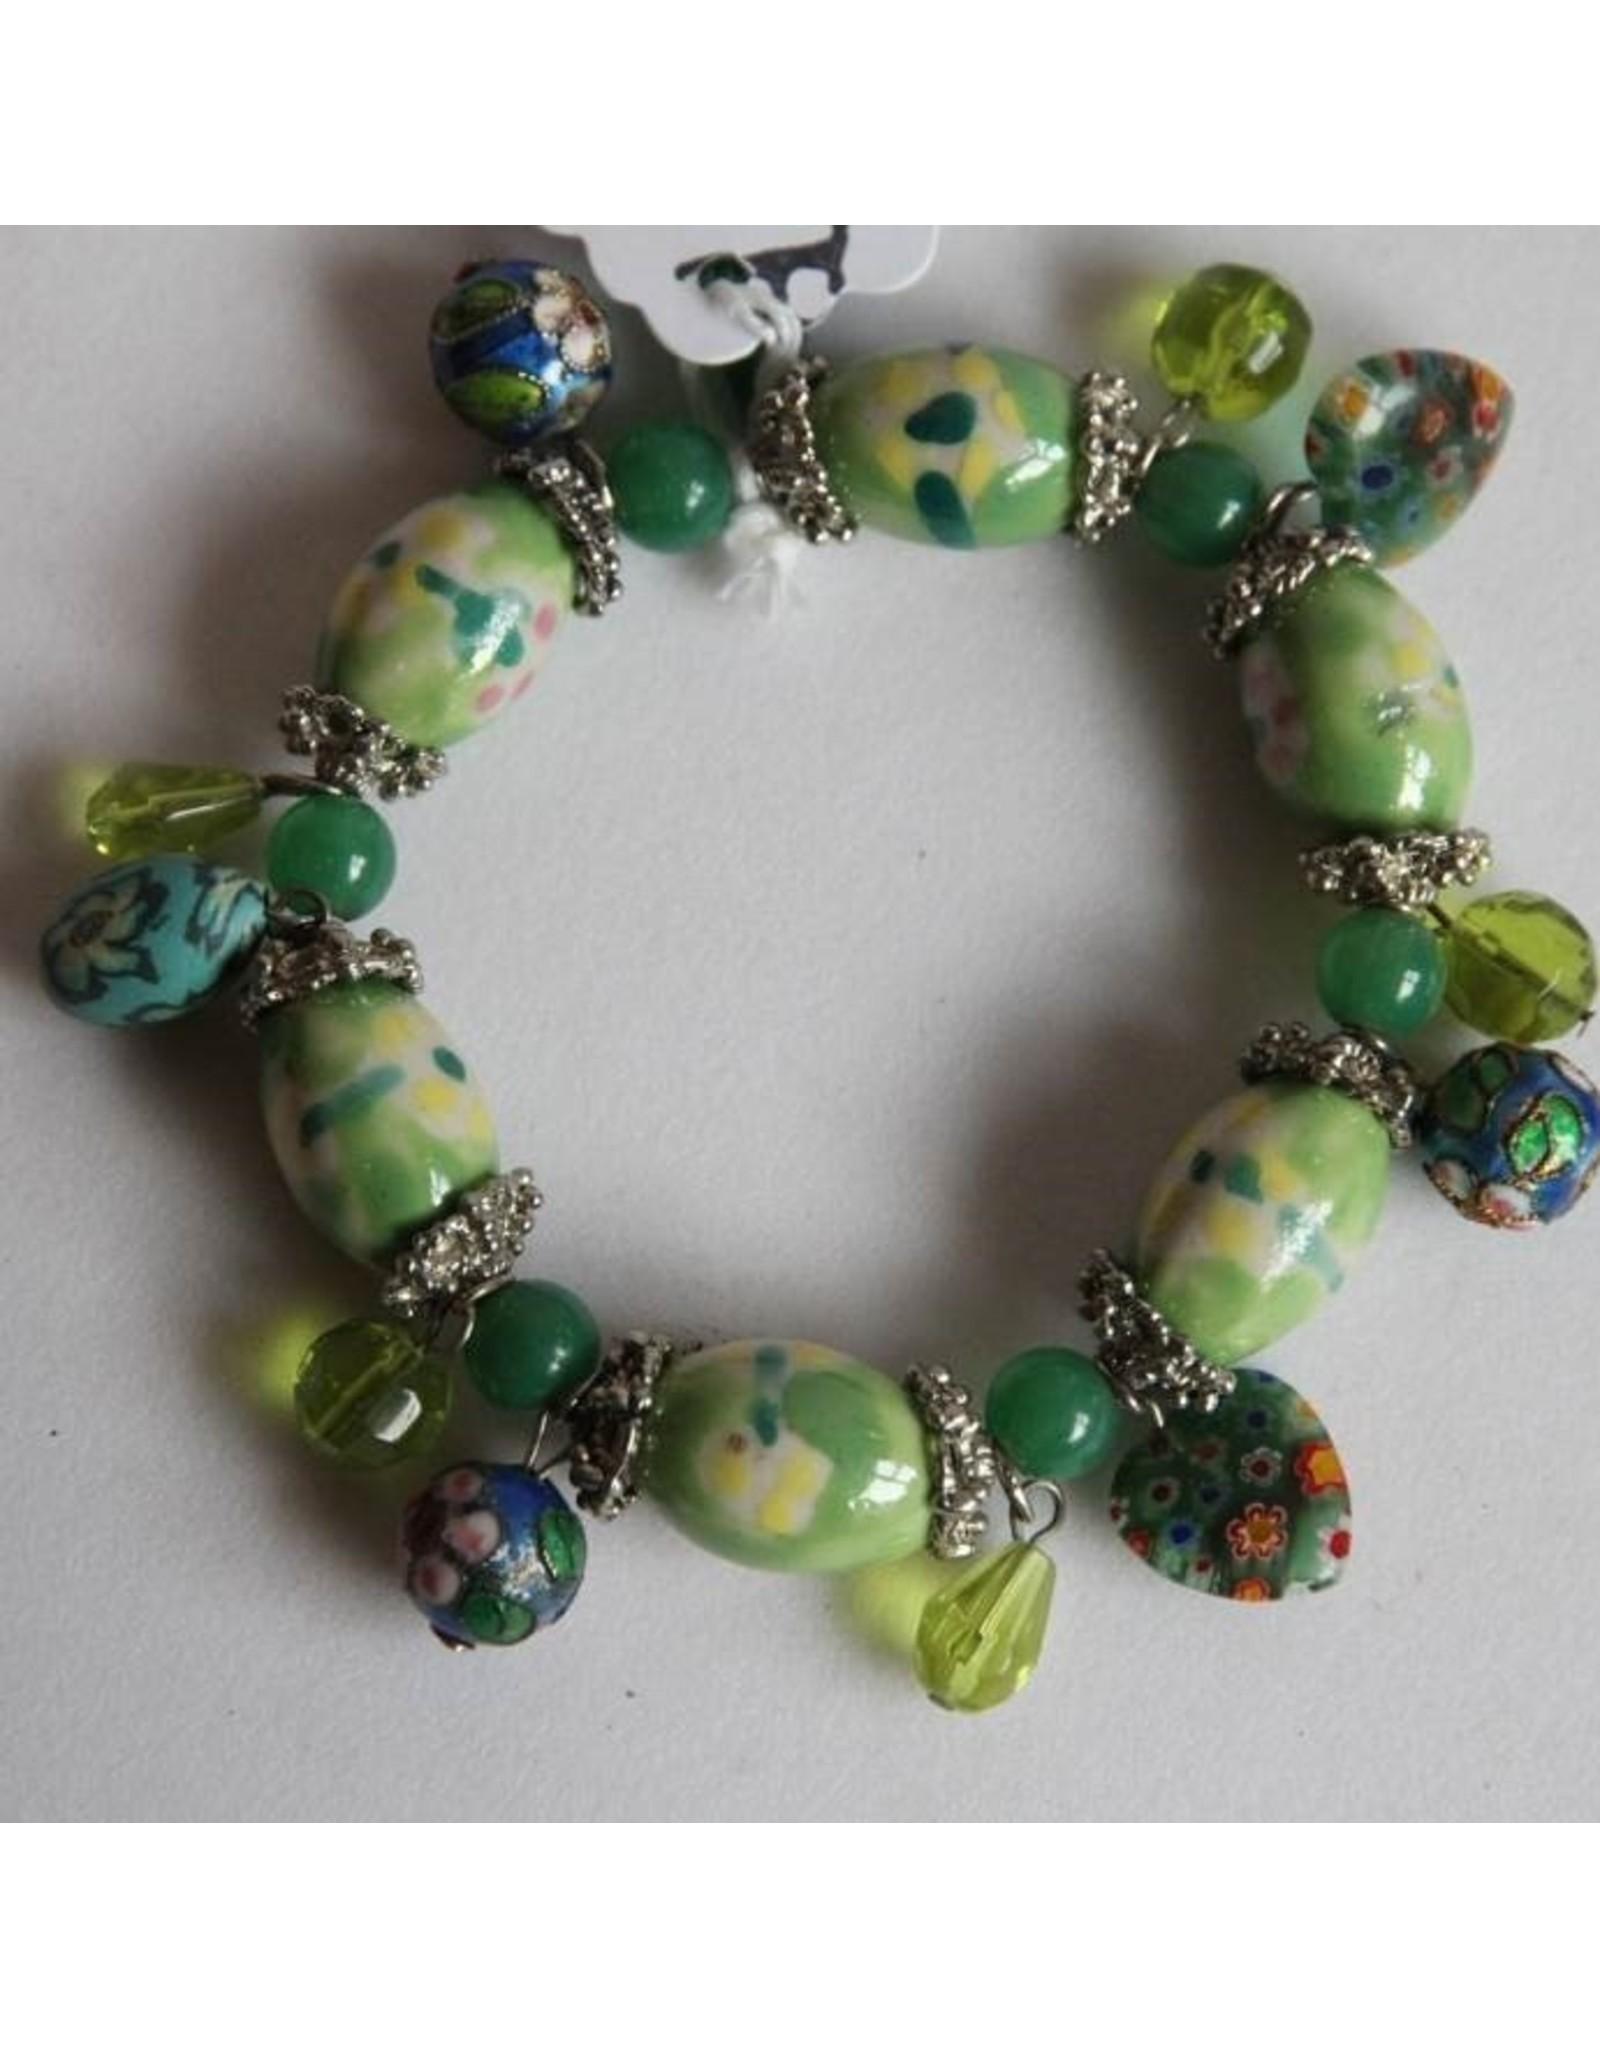 Bracelet - chunky beads